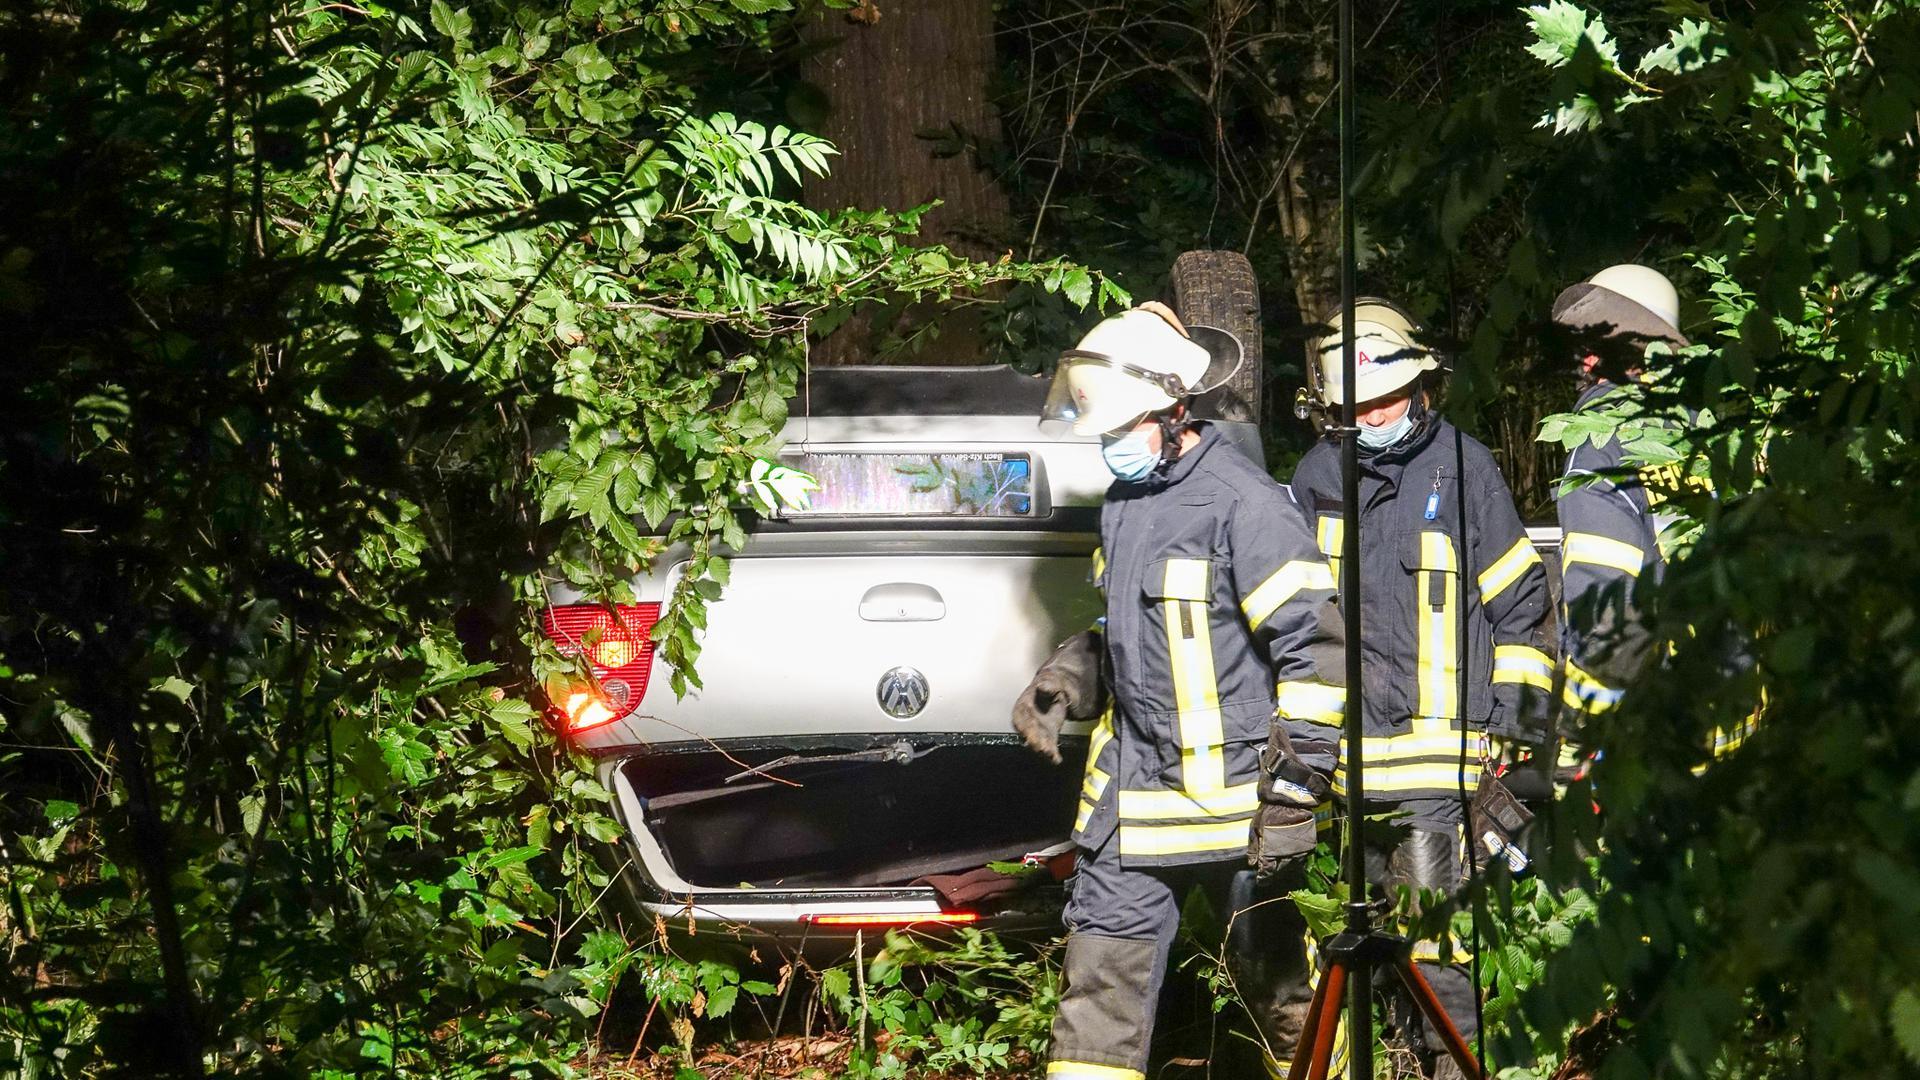 Autounfall Renchener Wald 080821